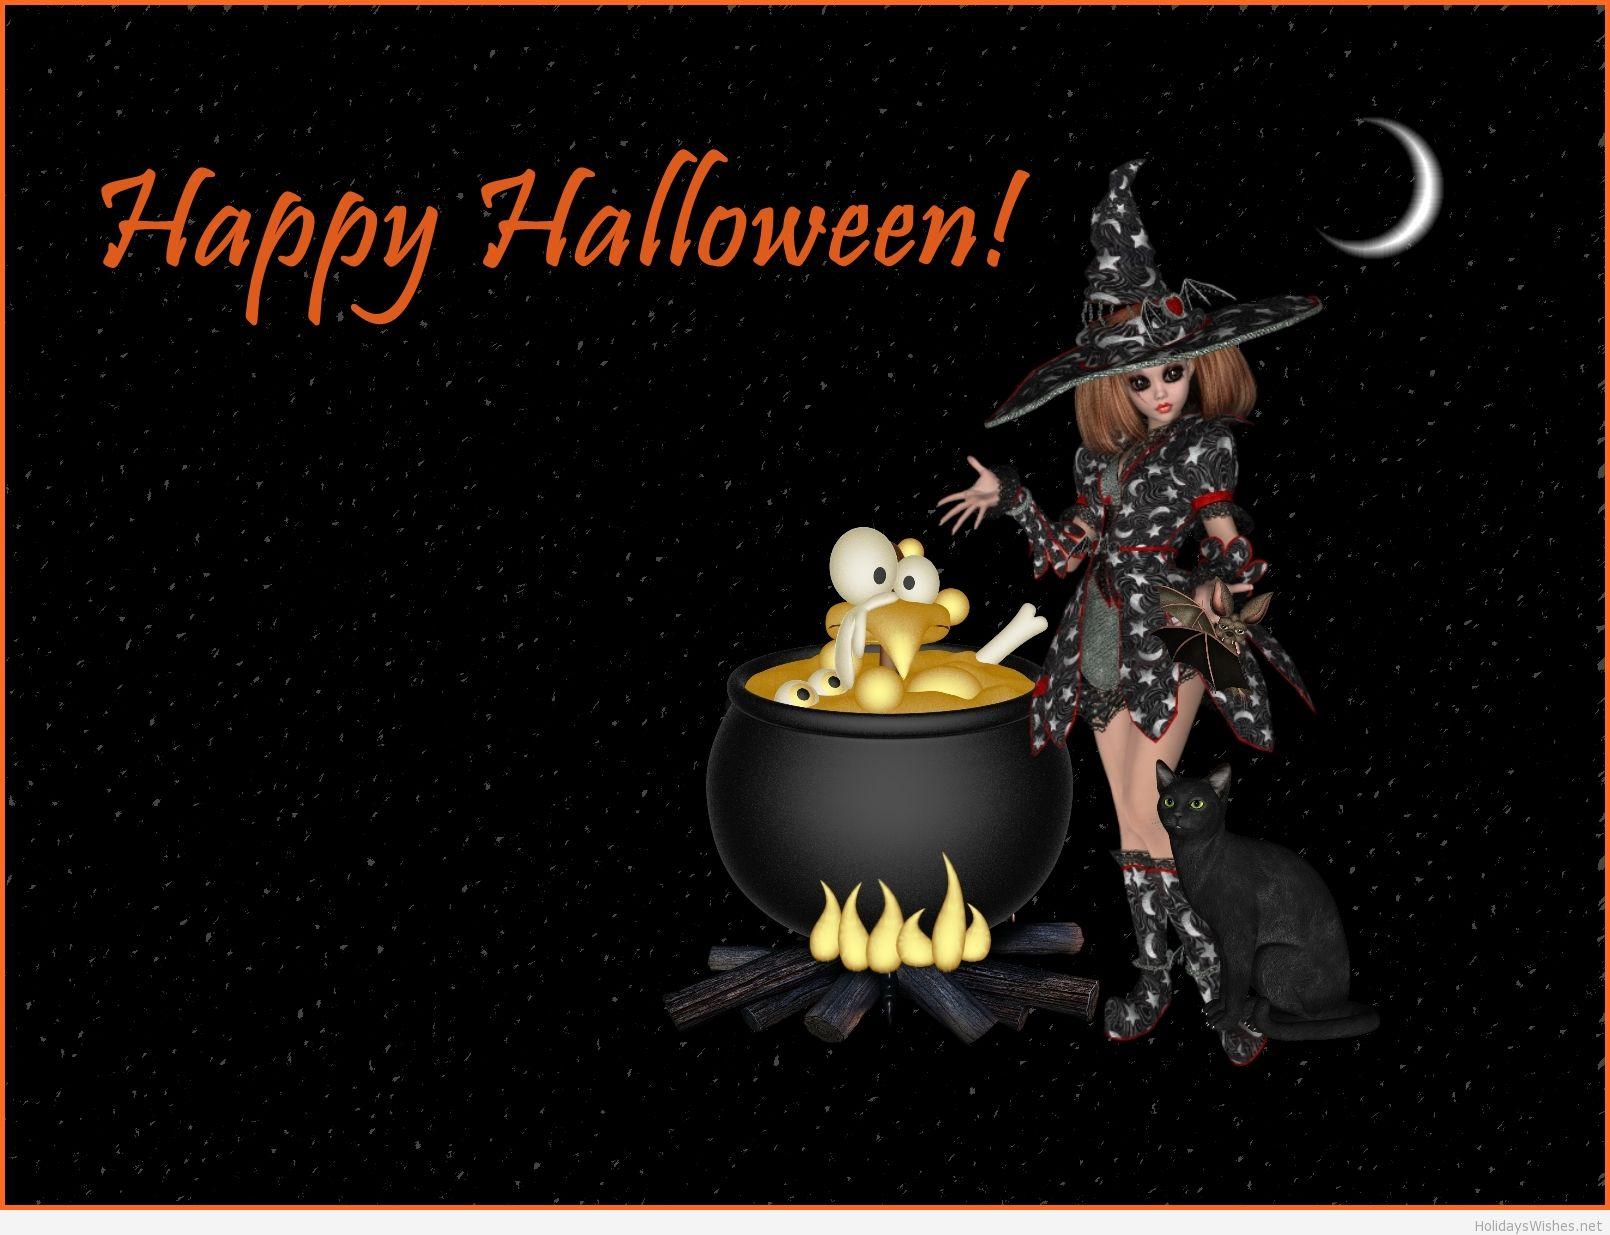 Happy-Halloween-photos